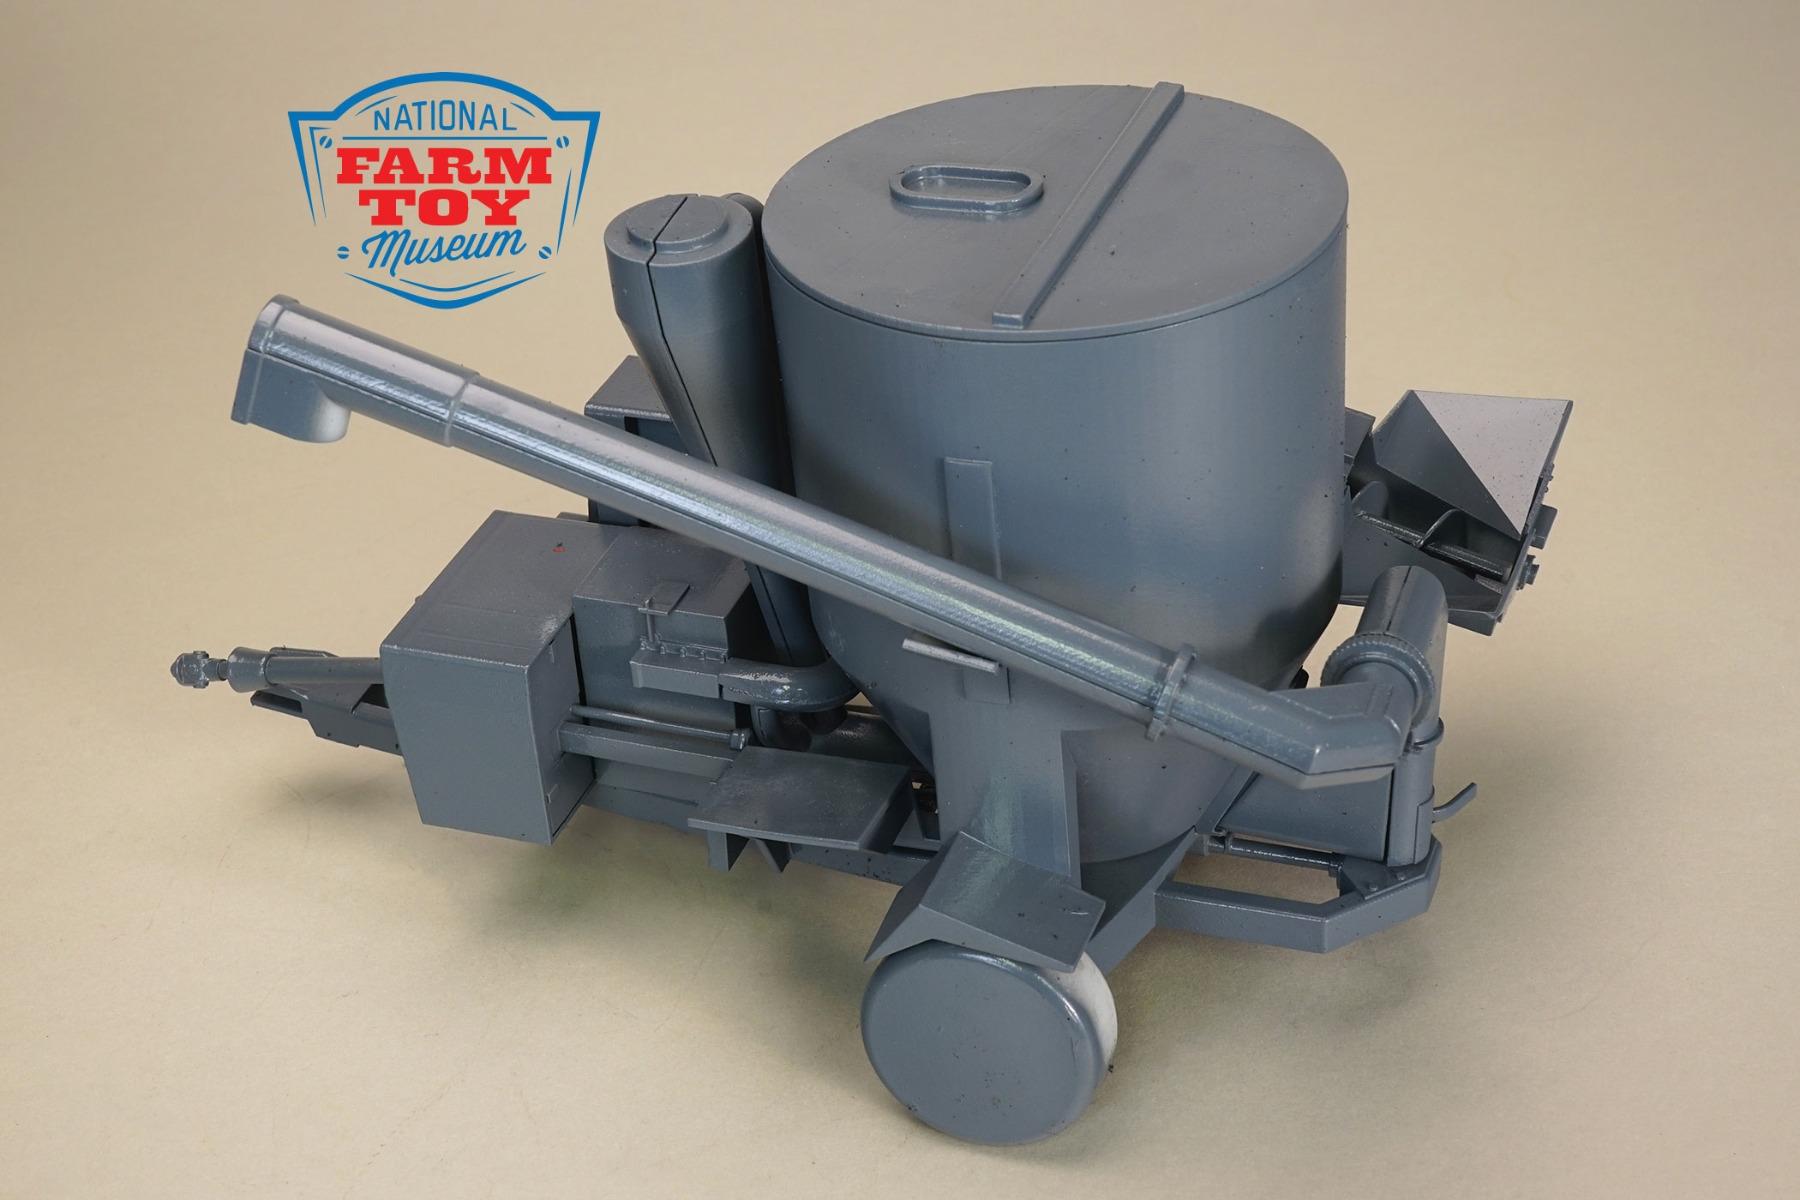 CUST-1974-Arts-Way-325-grinder-mixer 6